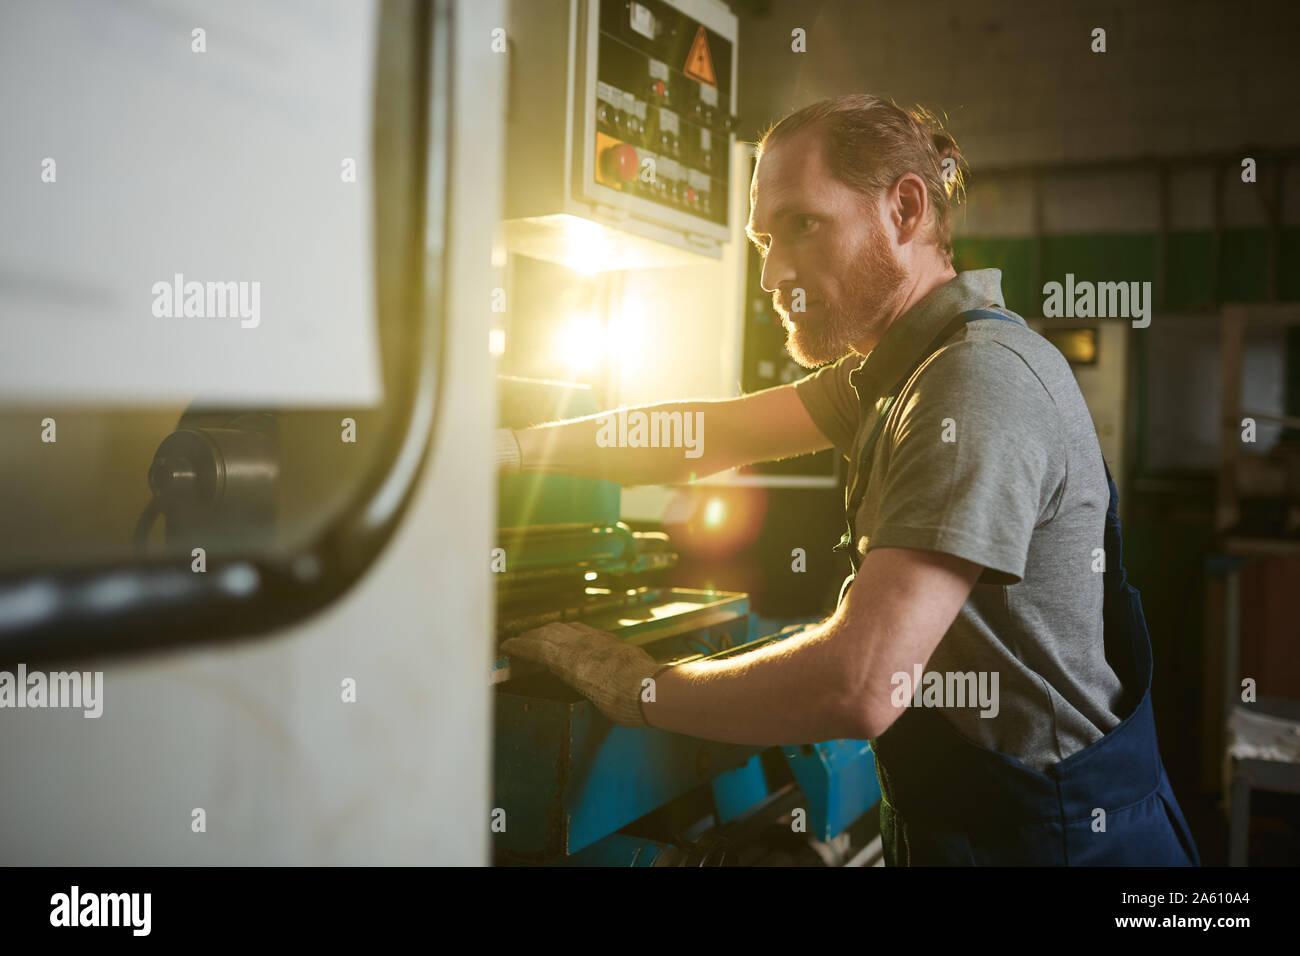 Arbeiter in Latzhosen konzentriert sich auf seine Arbeit, die er stehen und arbeiten an der Drehbank in der Anlage Stockfoto